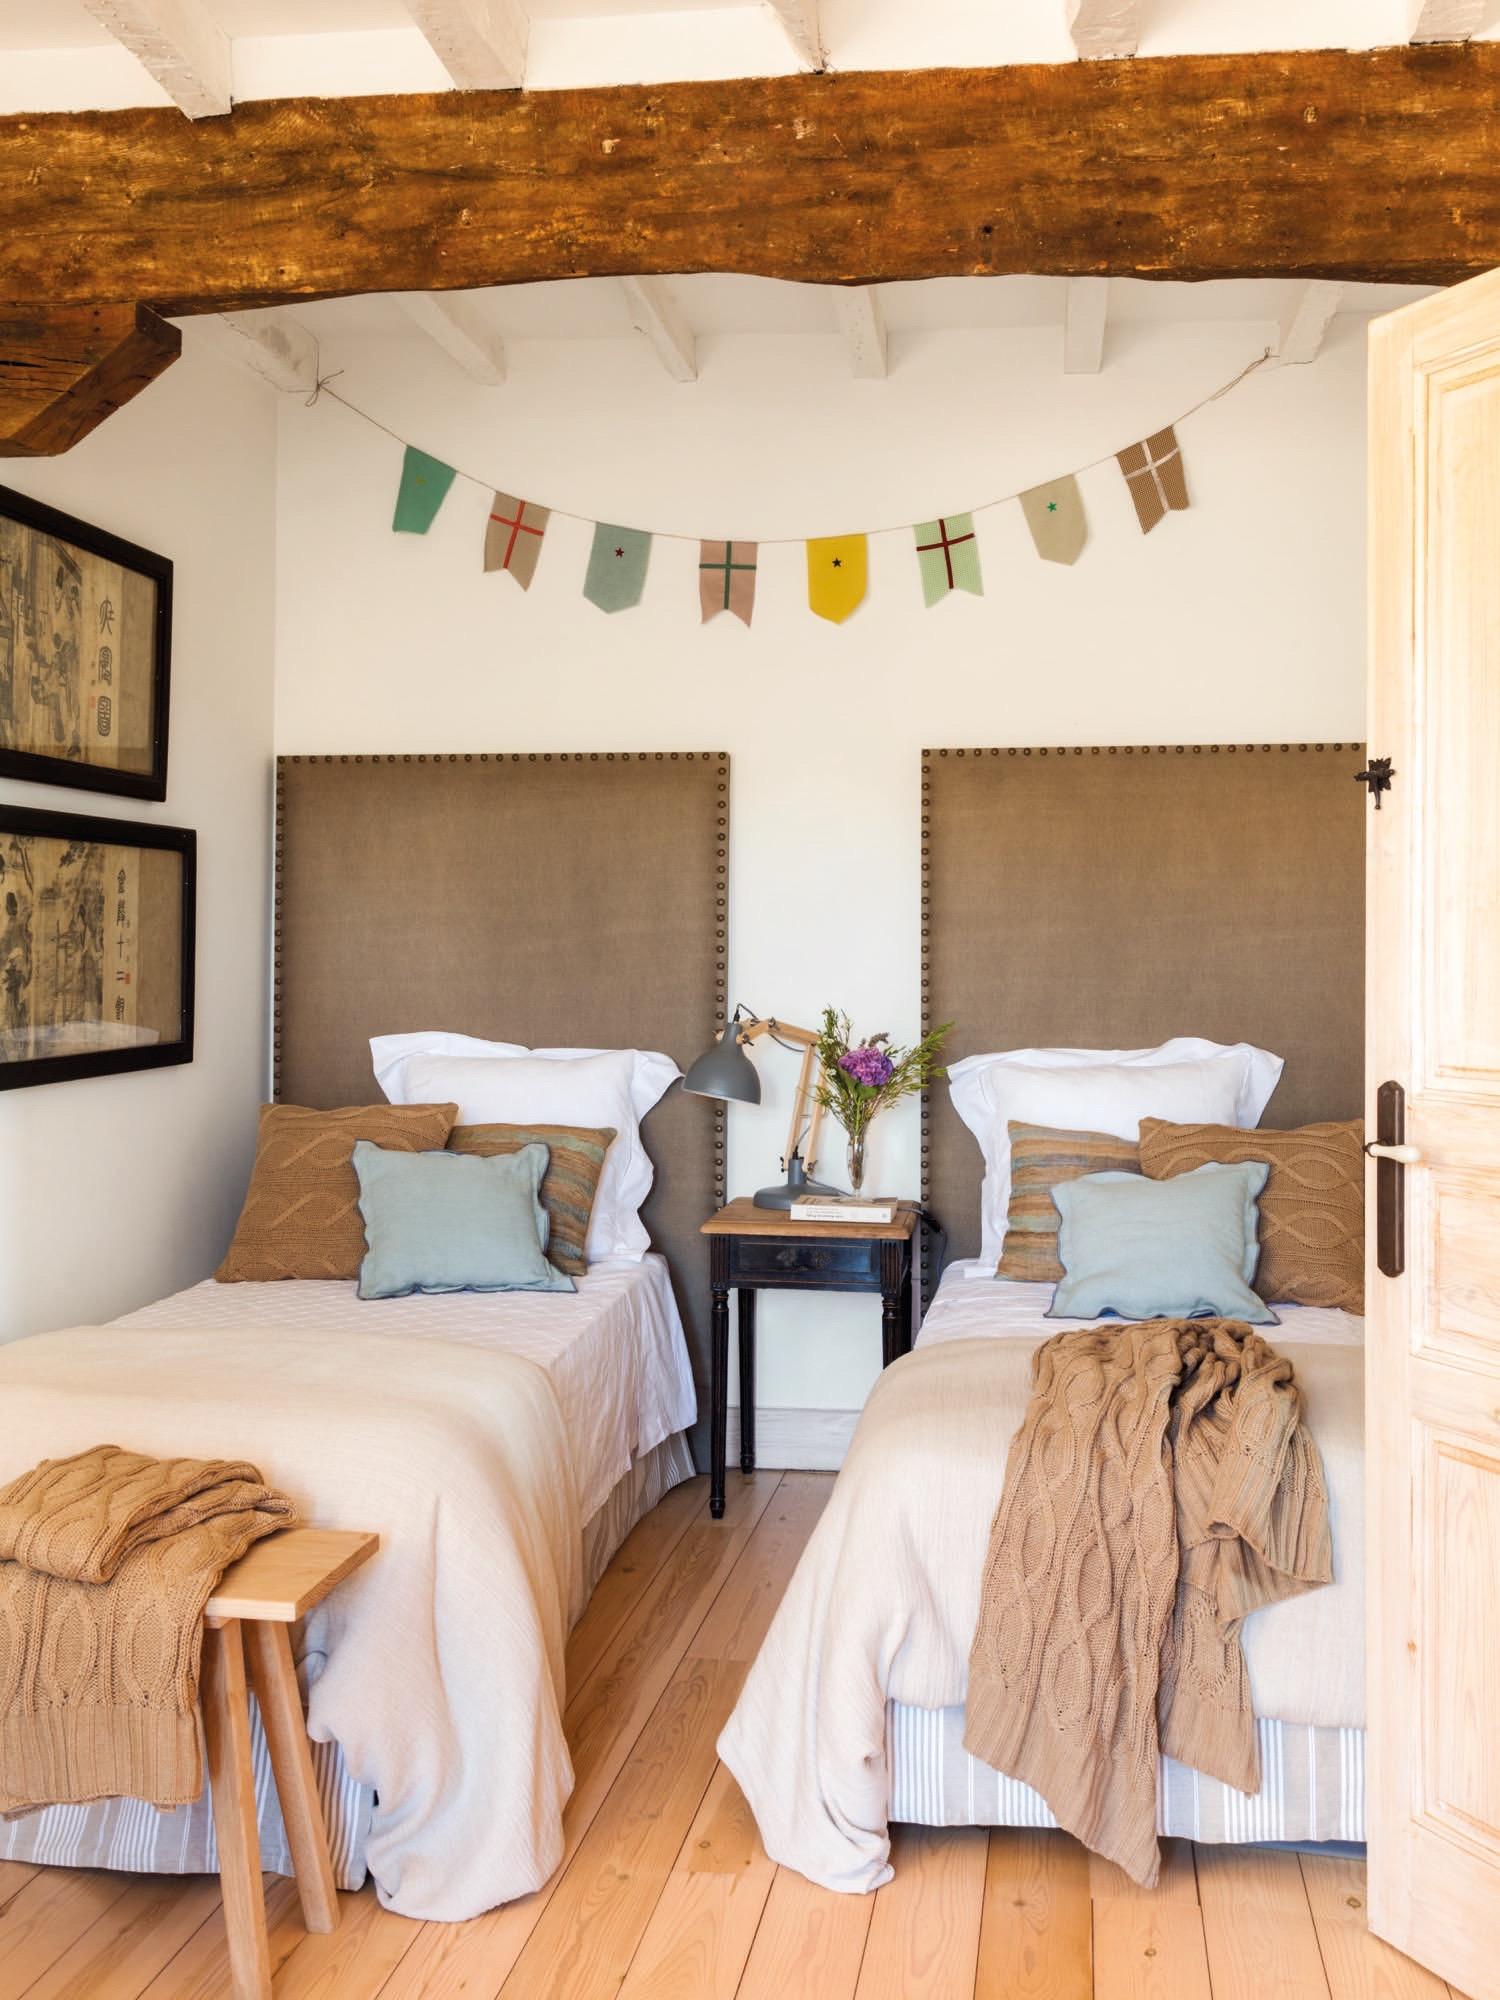 Una casa rustica en cantabria sencilla y muy acogedora - Decoracion habitacion rustica ...